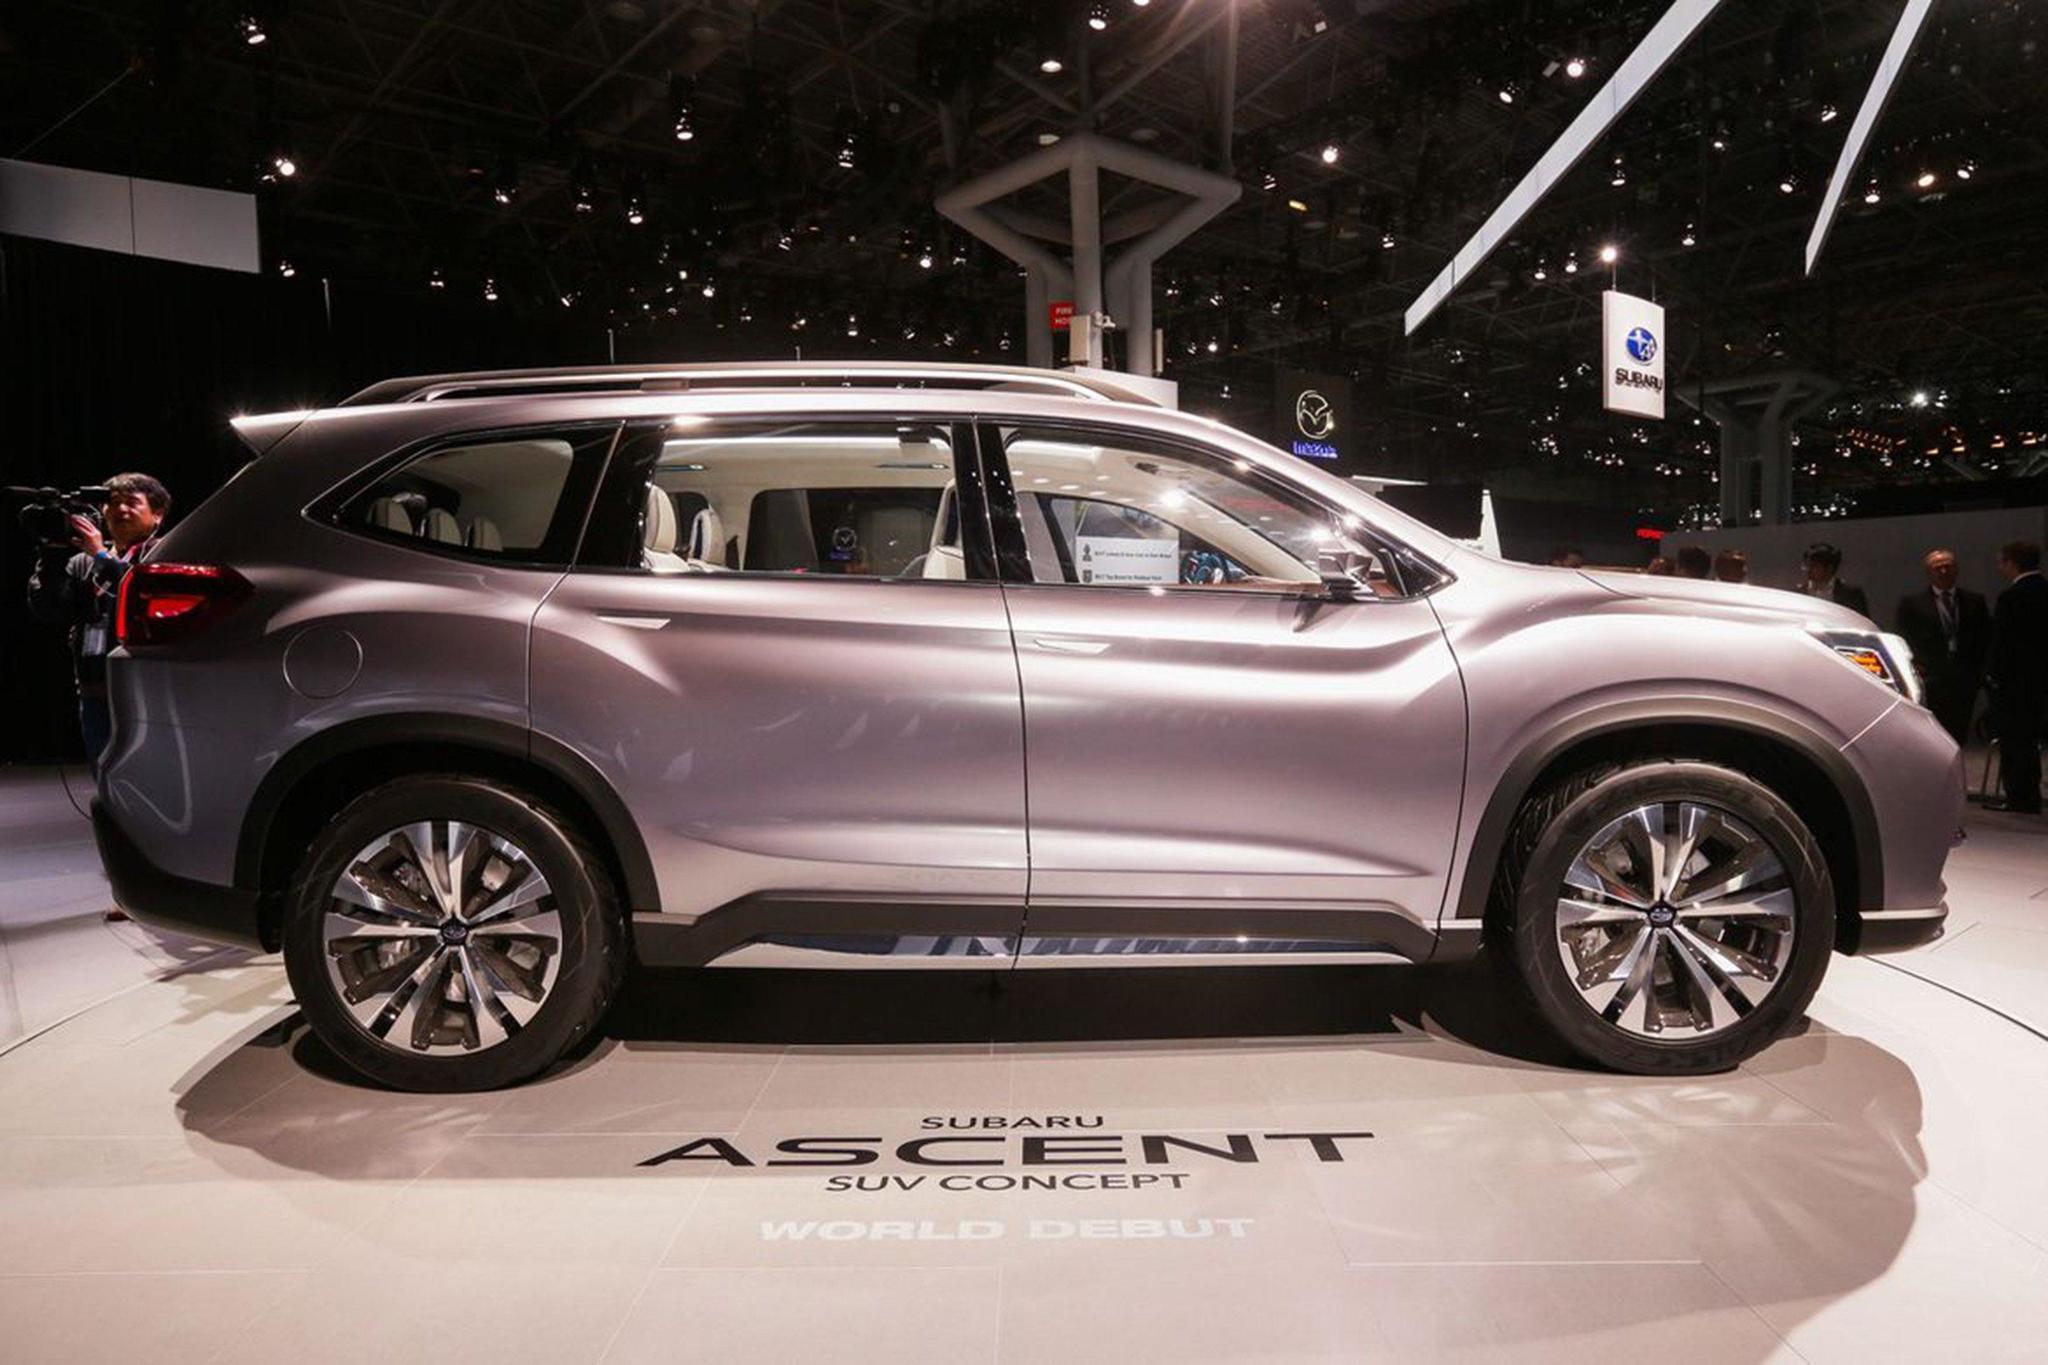 Subaru Poised To Surp Hyundai With Ascent Suv